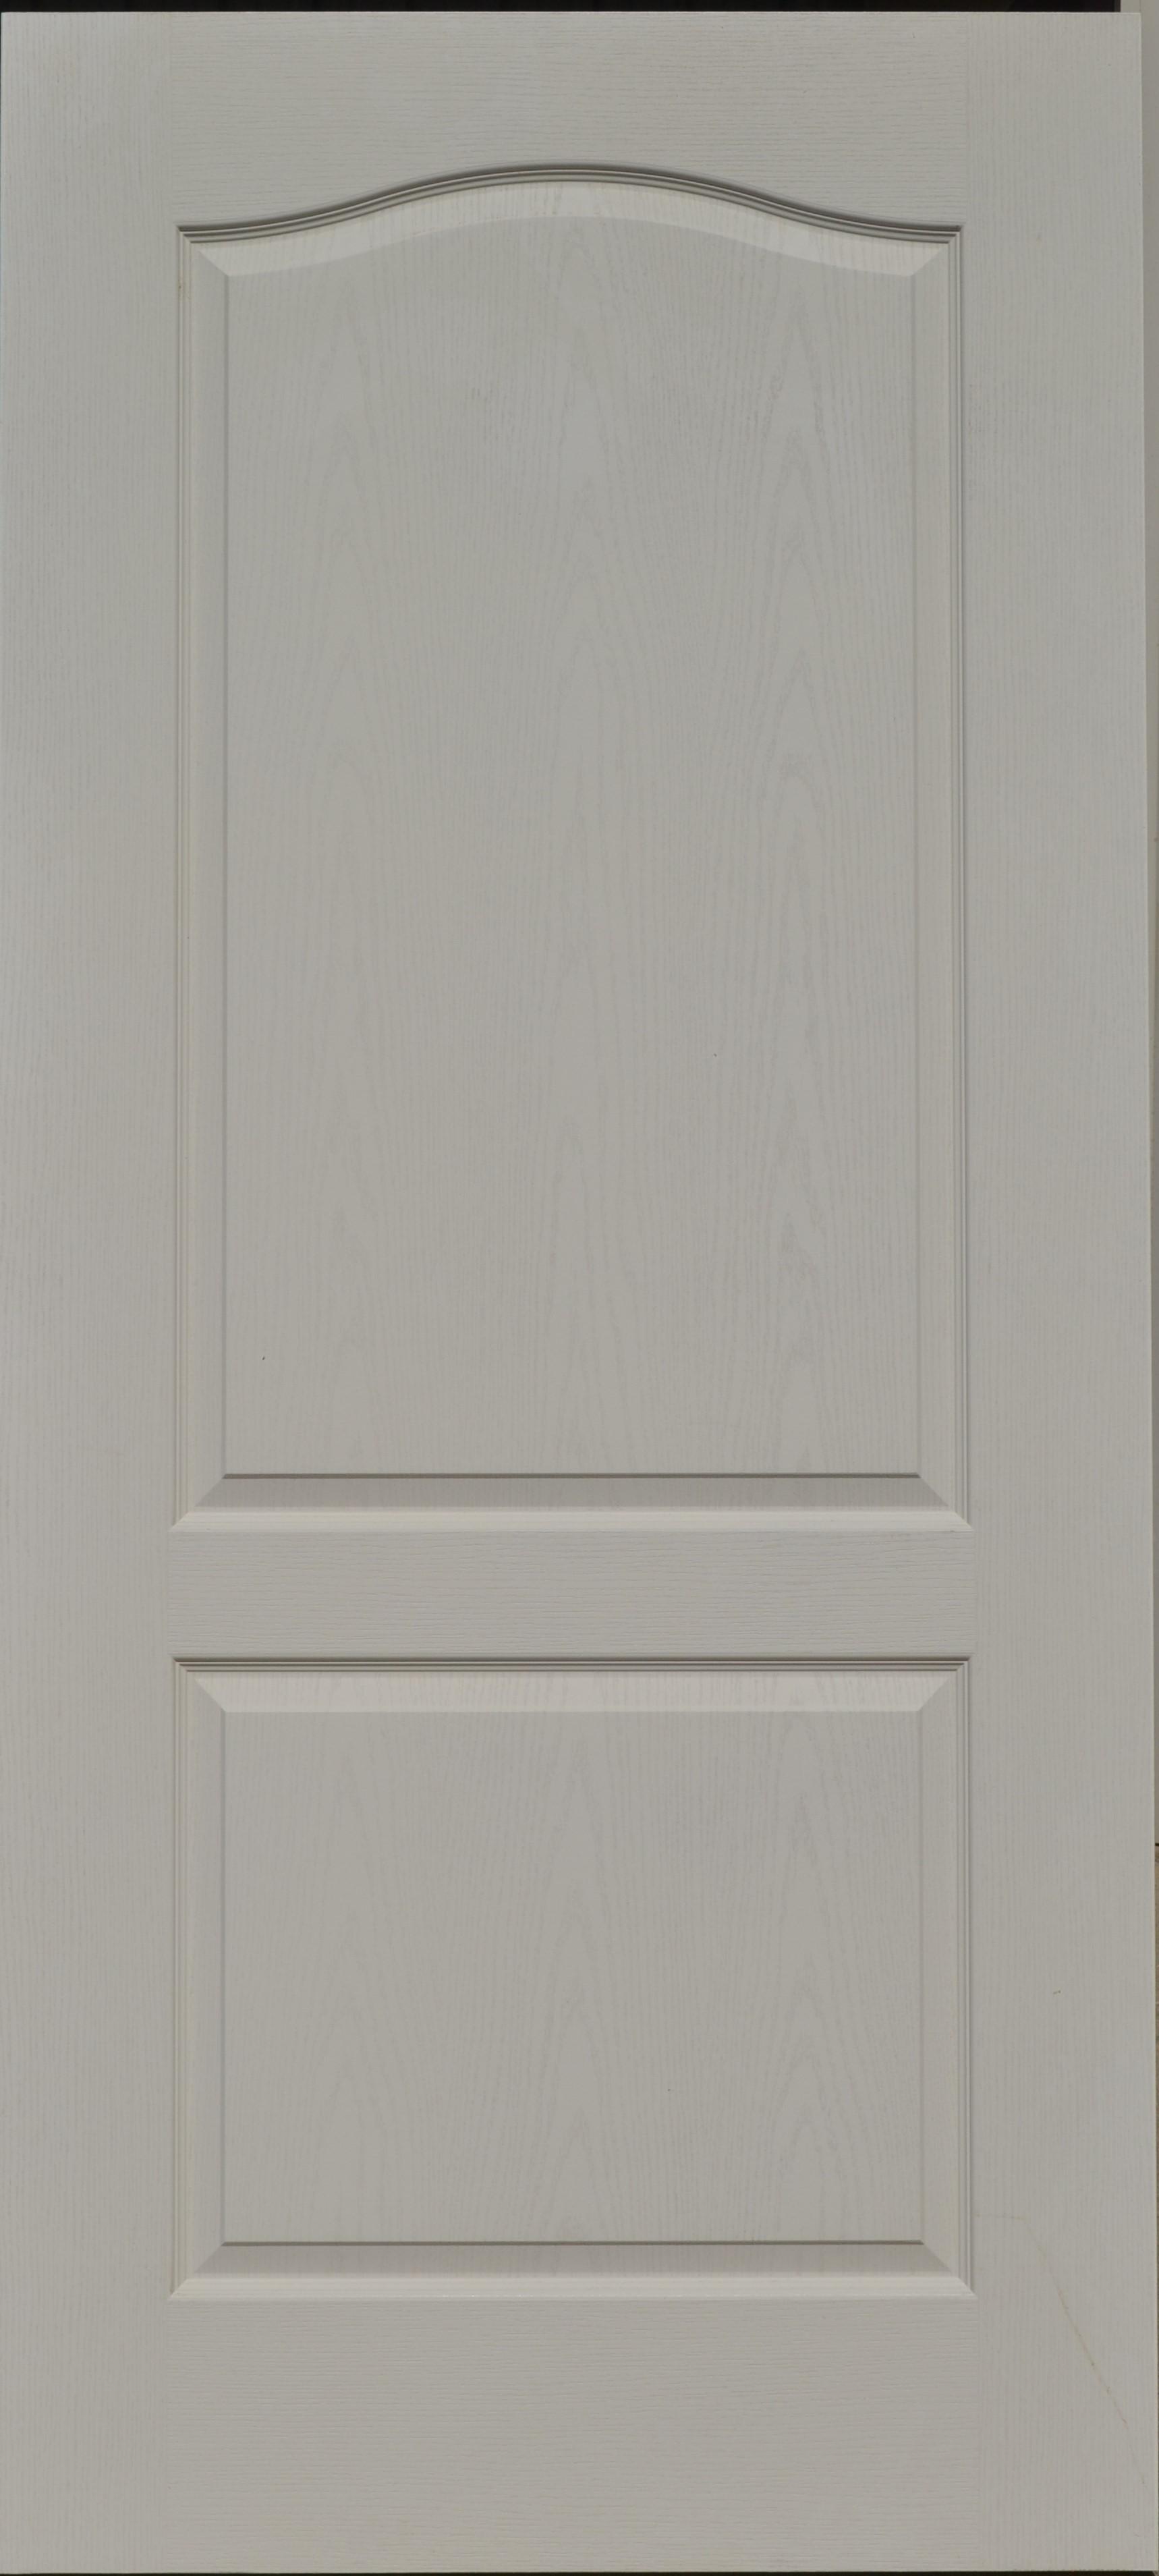 Doors Jonesboro Trim and Door